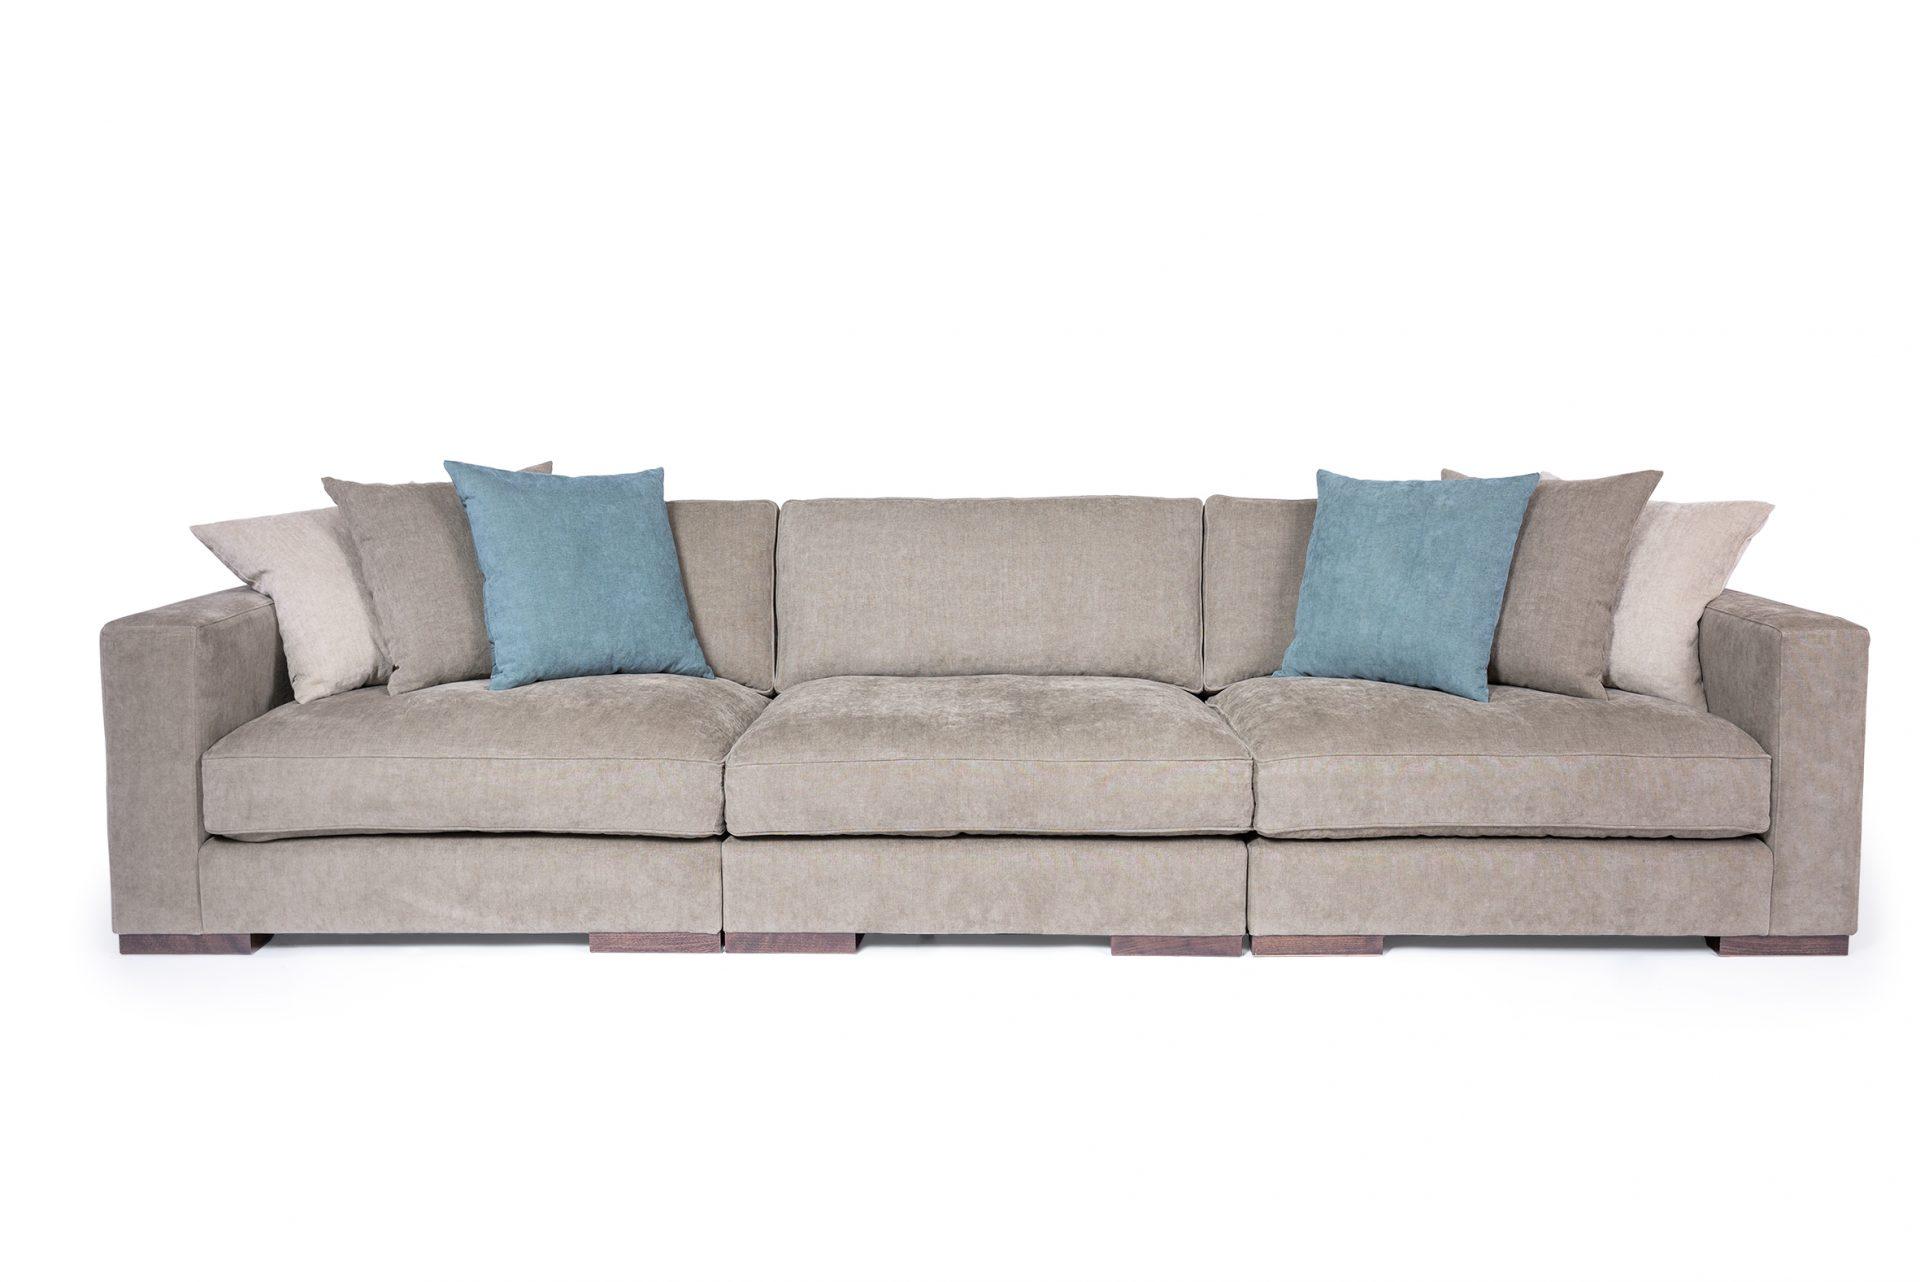 Canap loft de ralph m raphaele meubles for Fabricant canape france